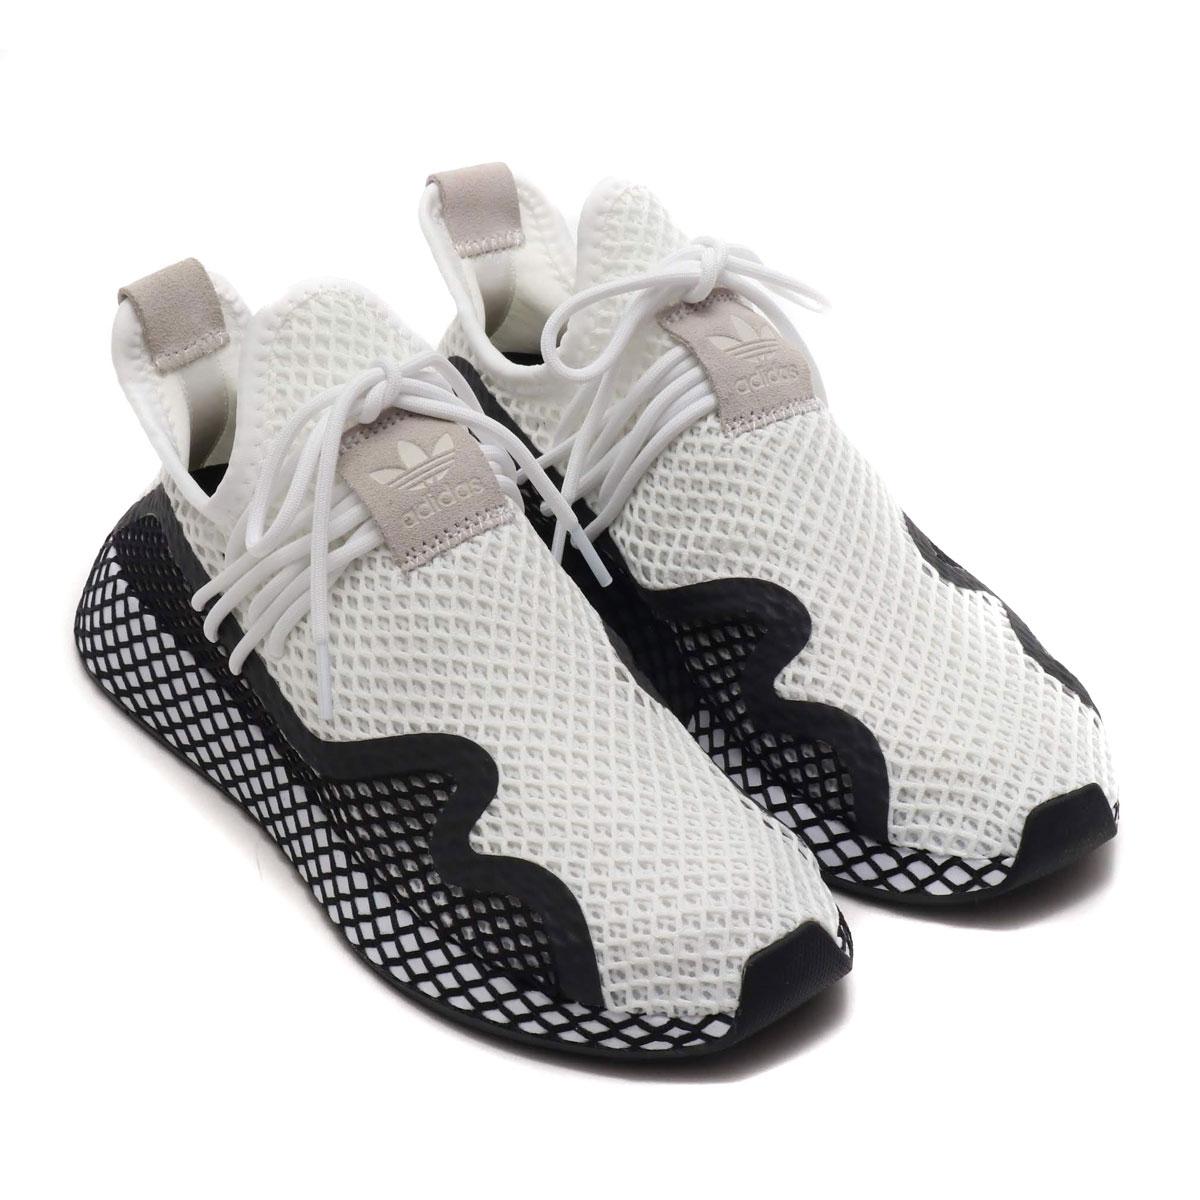 adidas Originals DEERUPT NEW RUNNER(RUNNING WHITECORE BLACKRUNNING WHITE)(??????????? ?????? ??? ????)?????????????19SS I?|Kinetics